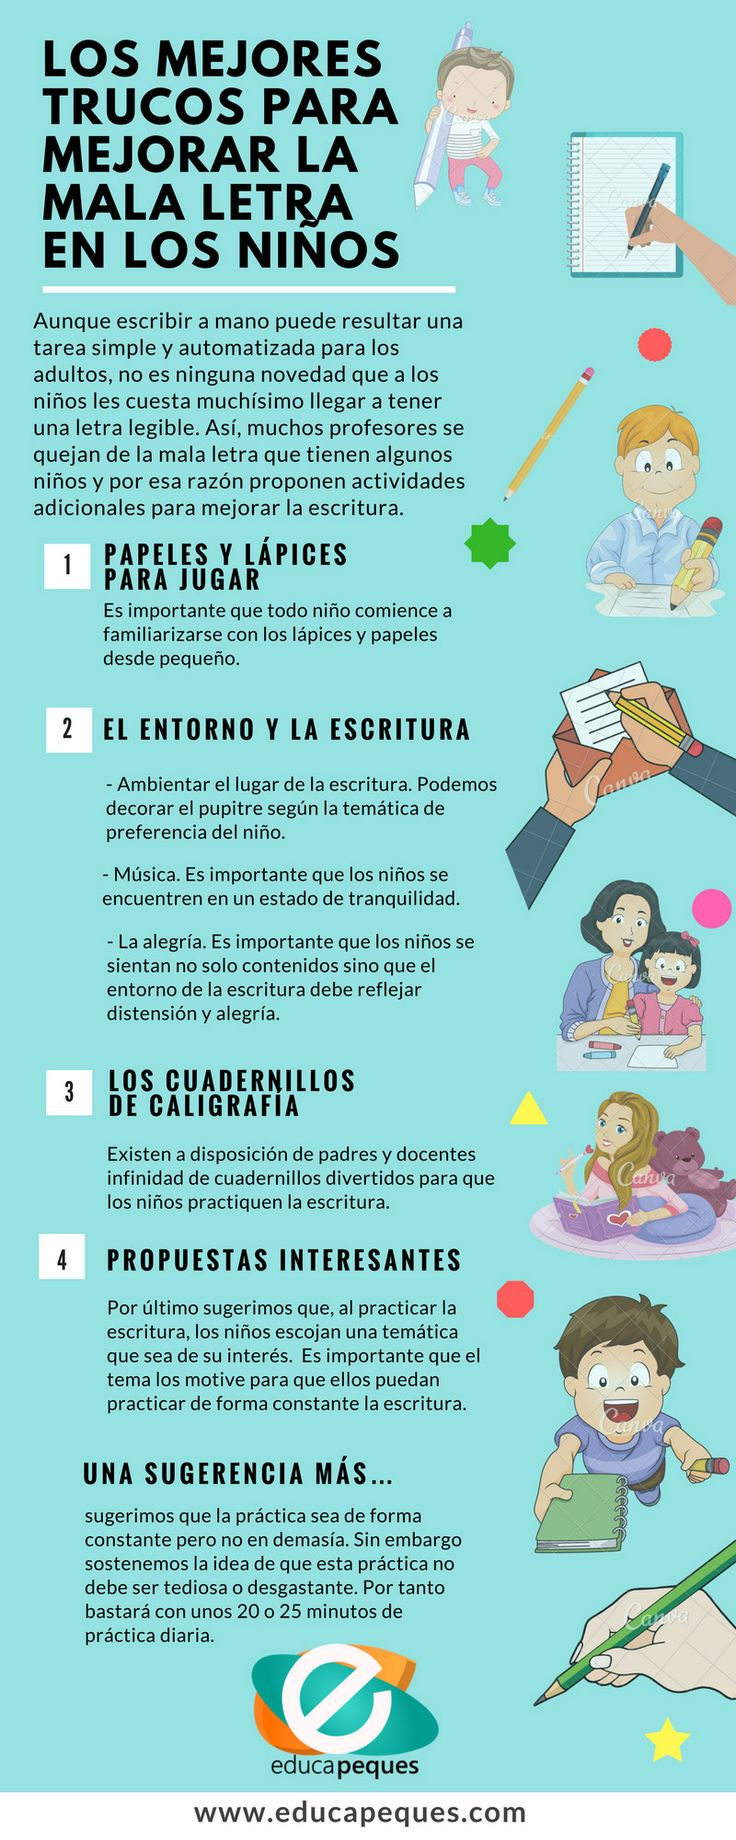 Infografia: Los mejores trucos para mejorar la mala letra de los niños